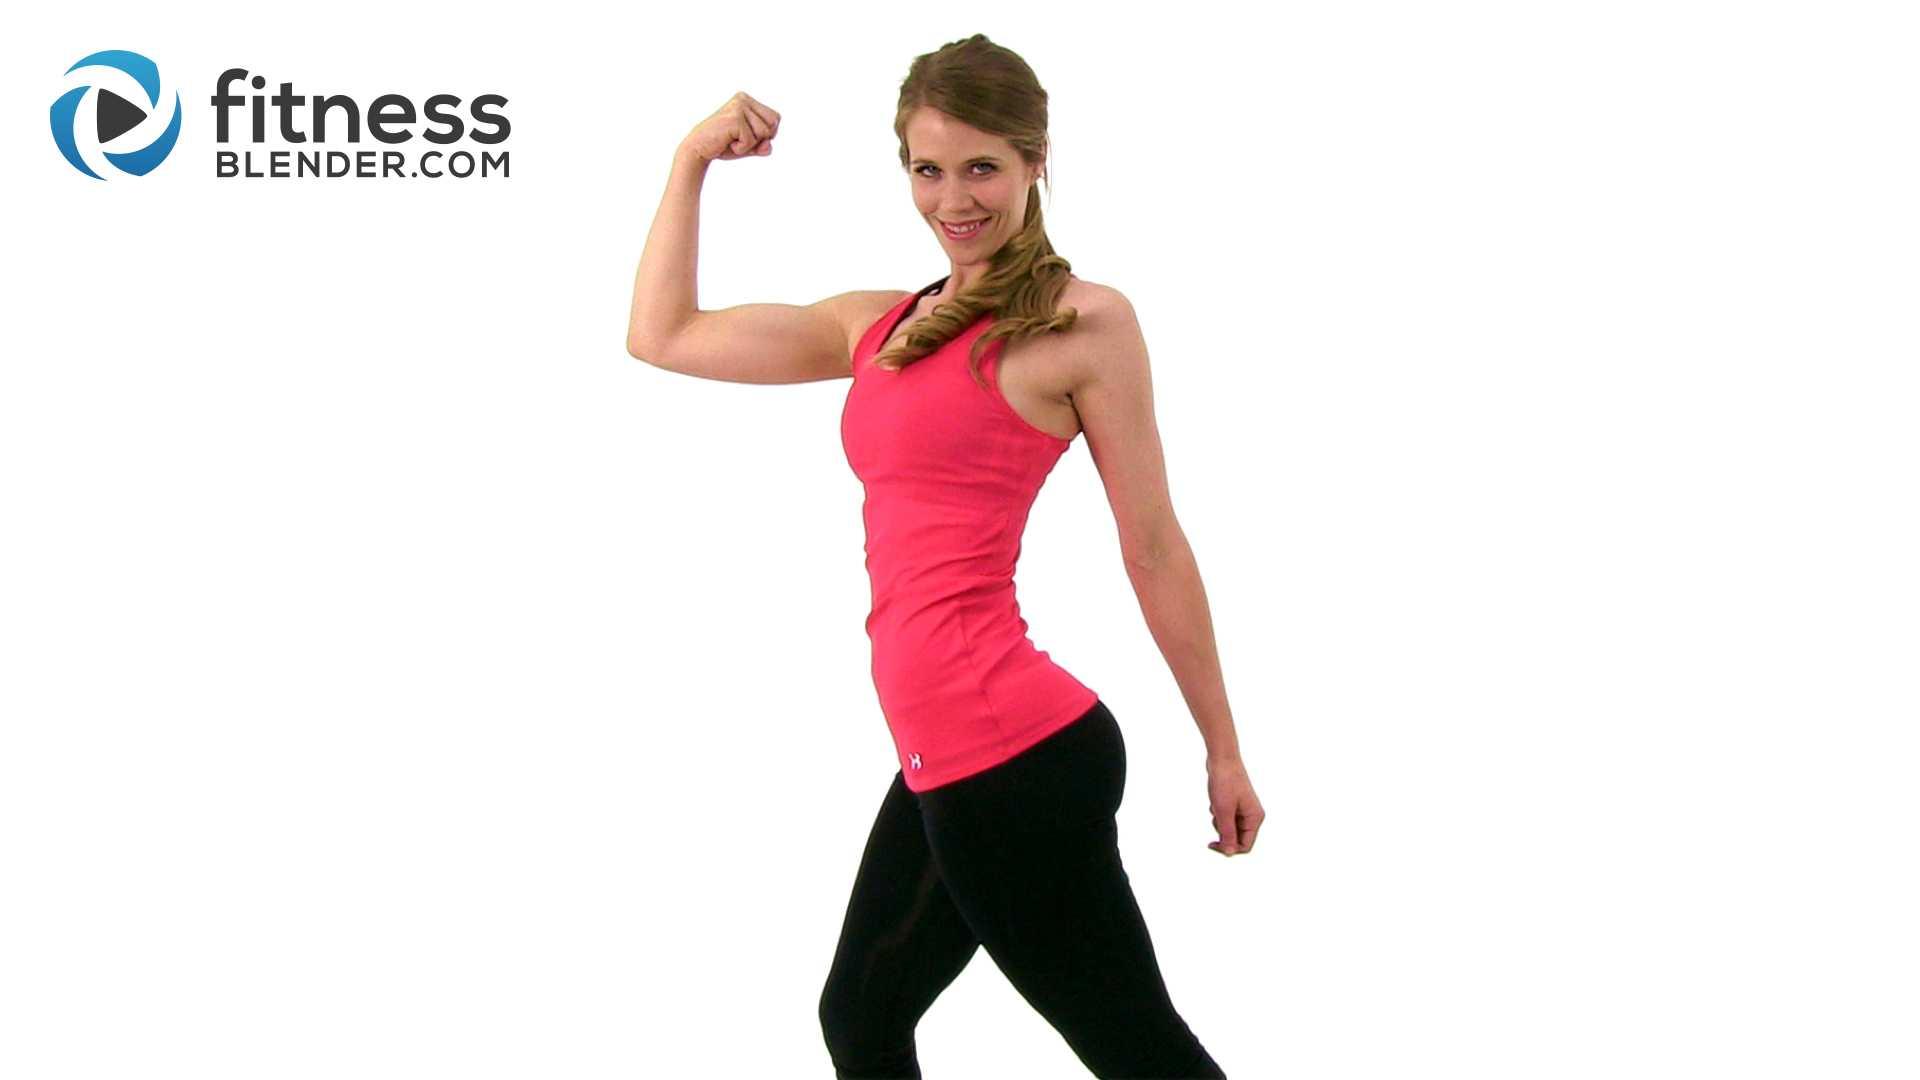 Как похудеть на 5–10 кг: программа тренировок и питания для устойчивого результата - лайфхакер